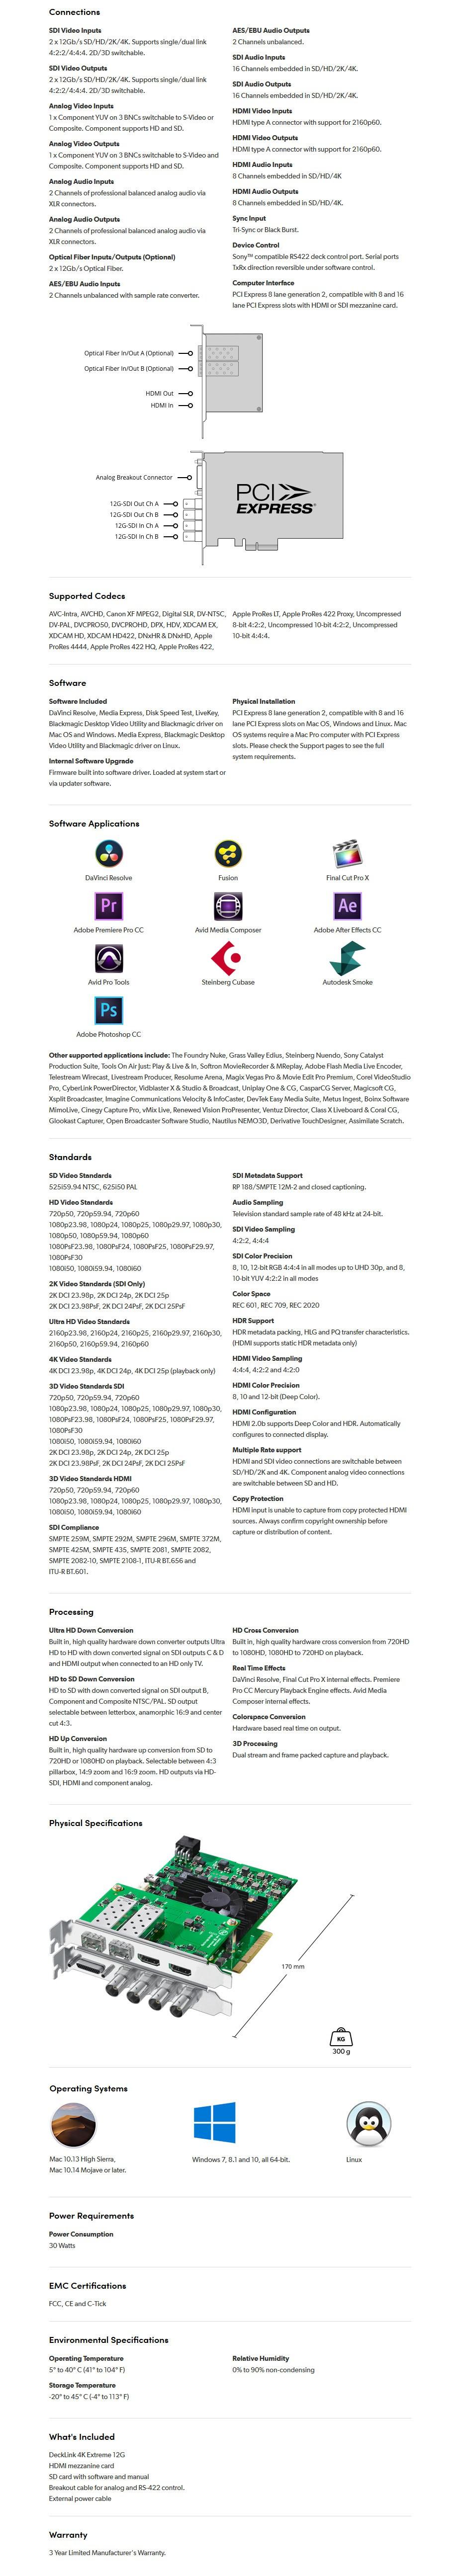 Blackmagic Design DeckLink 4K Extreme 12G Capture/Playback Card - Overview 1